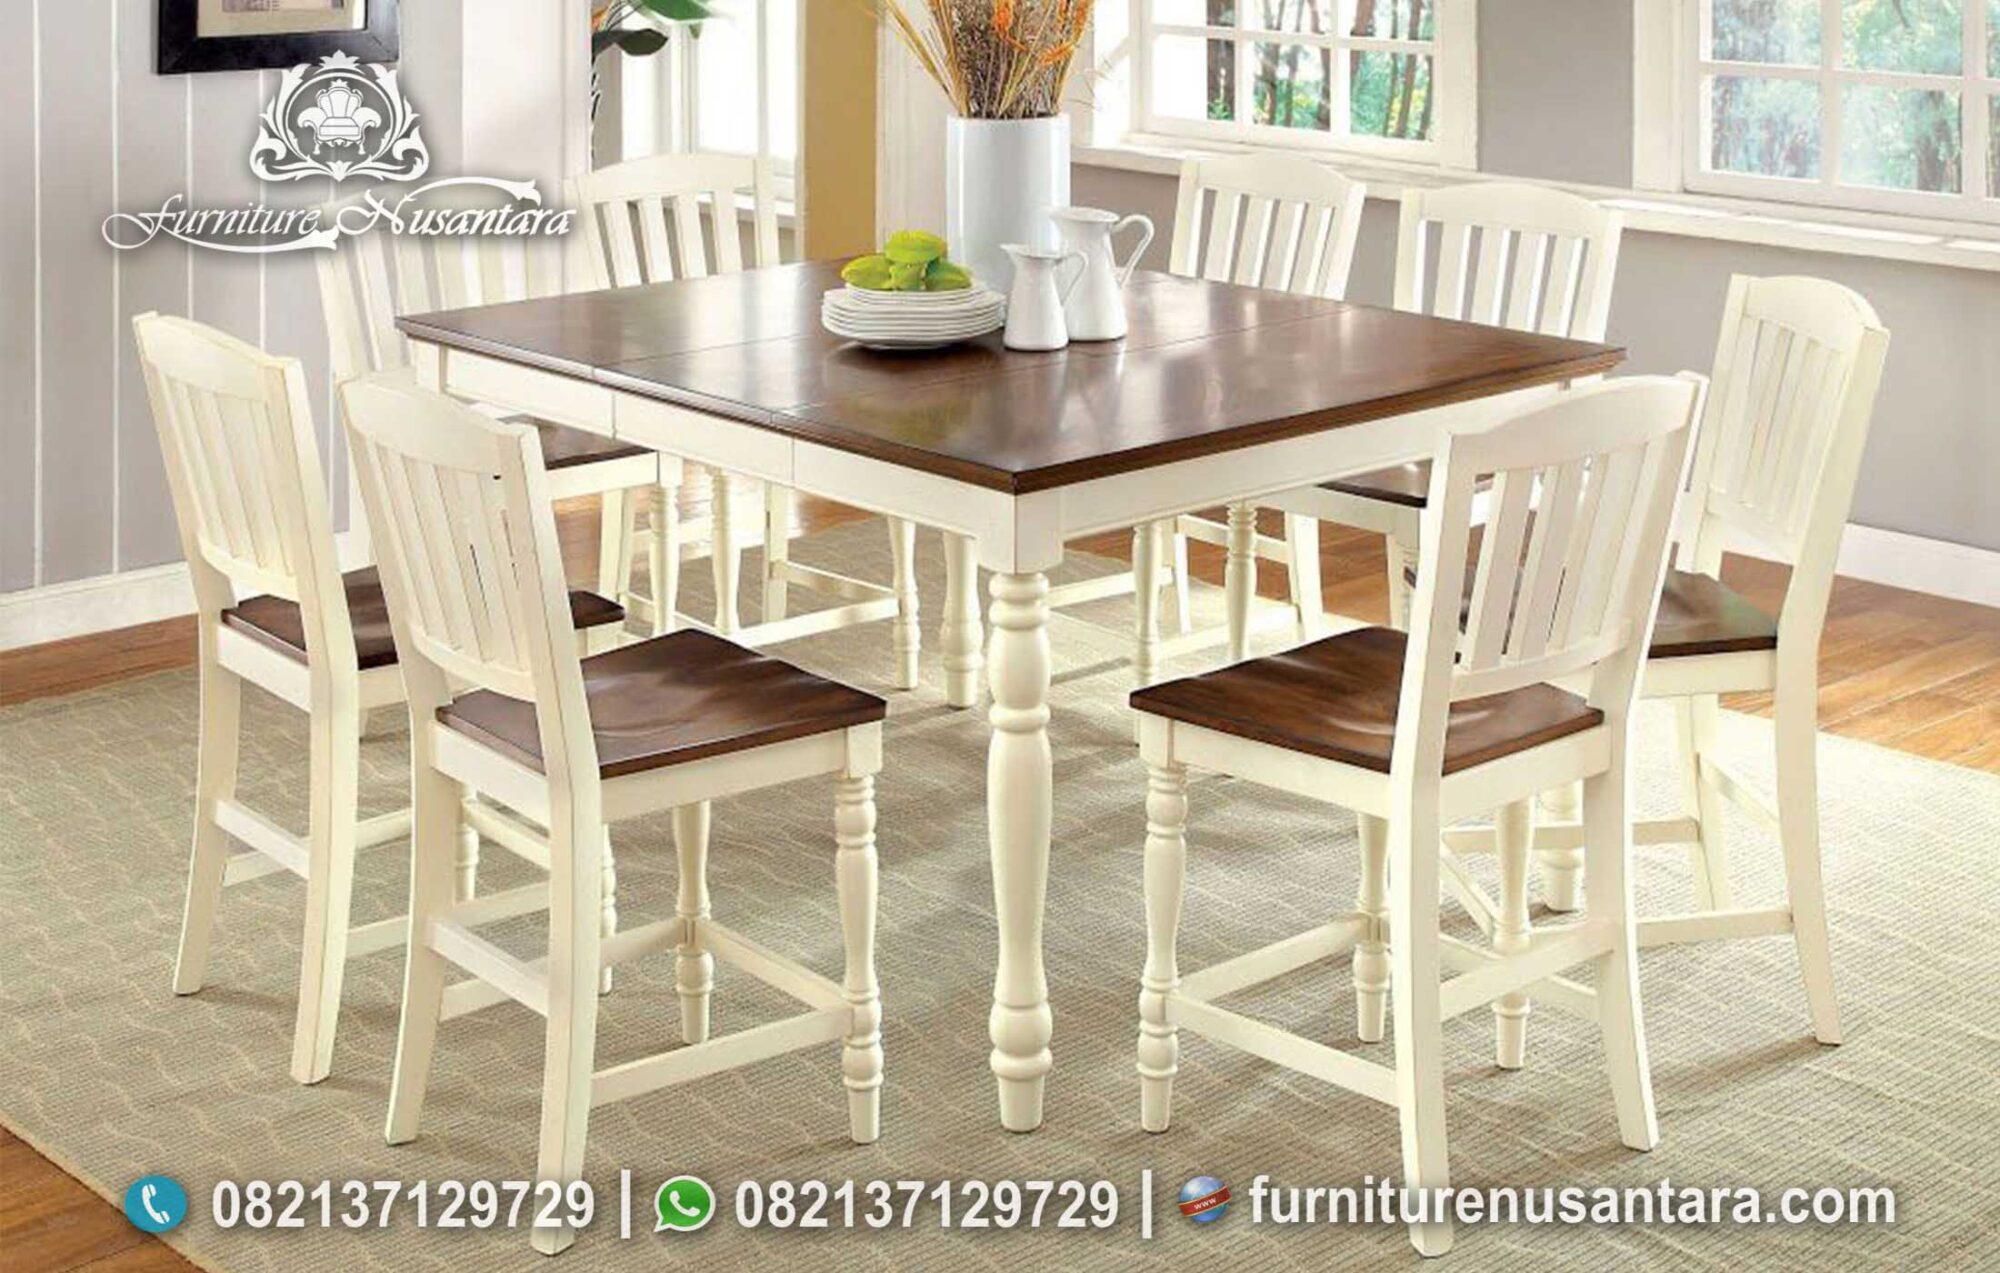 Meja Makan Minimalis Modern Elegan MM-125, Furniture Nusantara